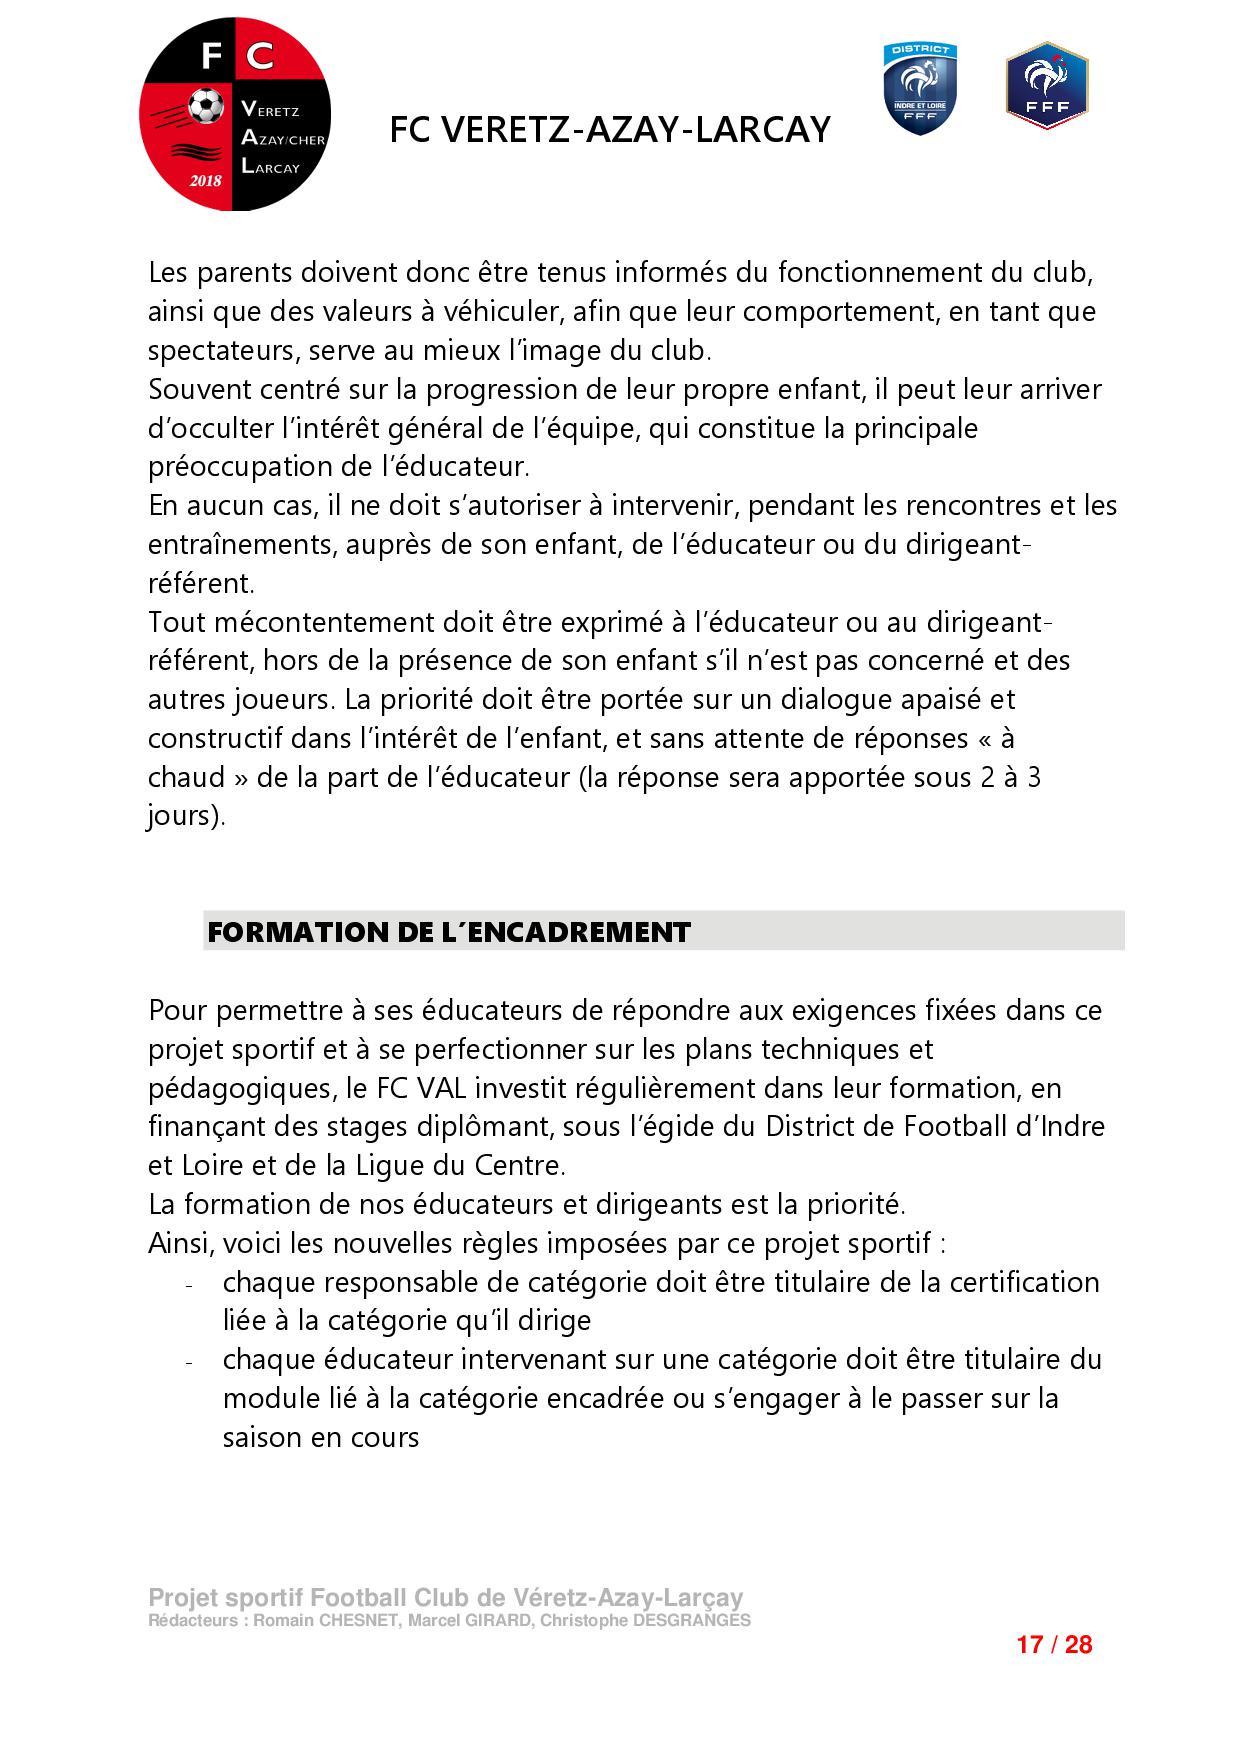 projet_sportif_2017-202017.jpg